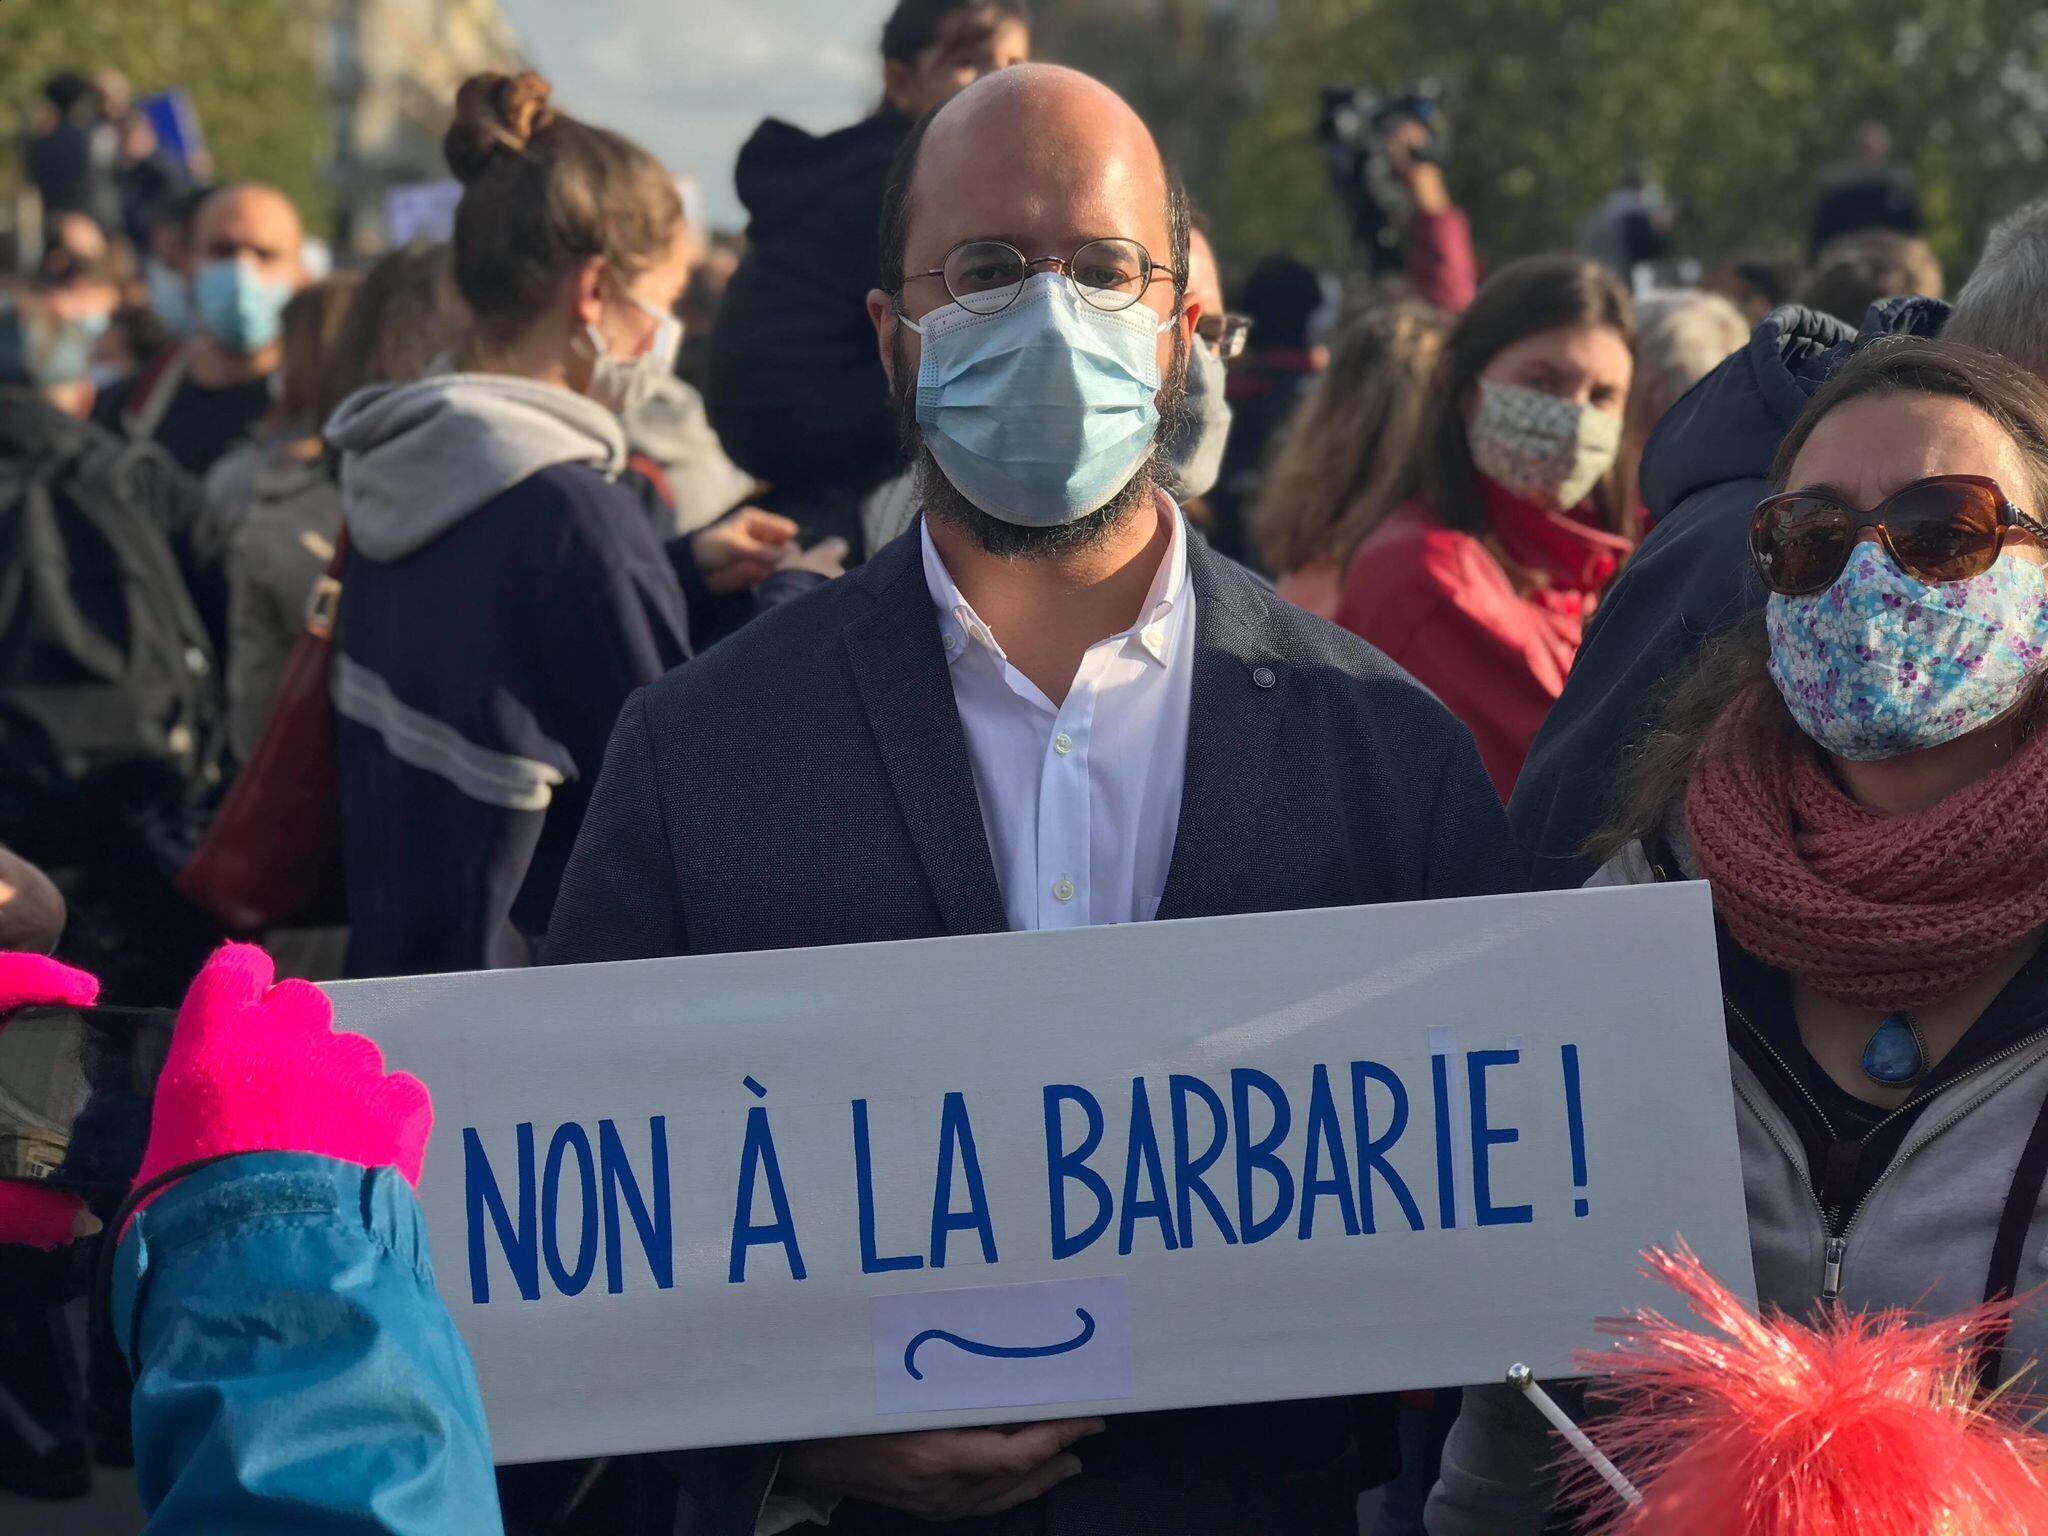 """Акция памяти убитого террористом учителя Самюэля Пати. Плакат """"Нет варварству!"""" Площадь Республики в Париже, 18 октября 2020."""